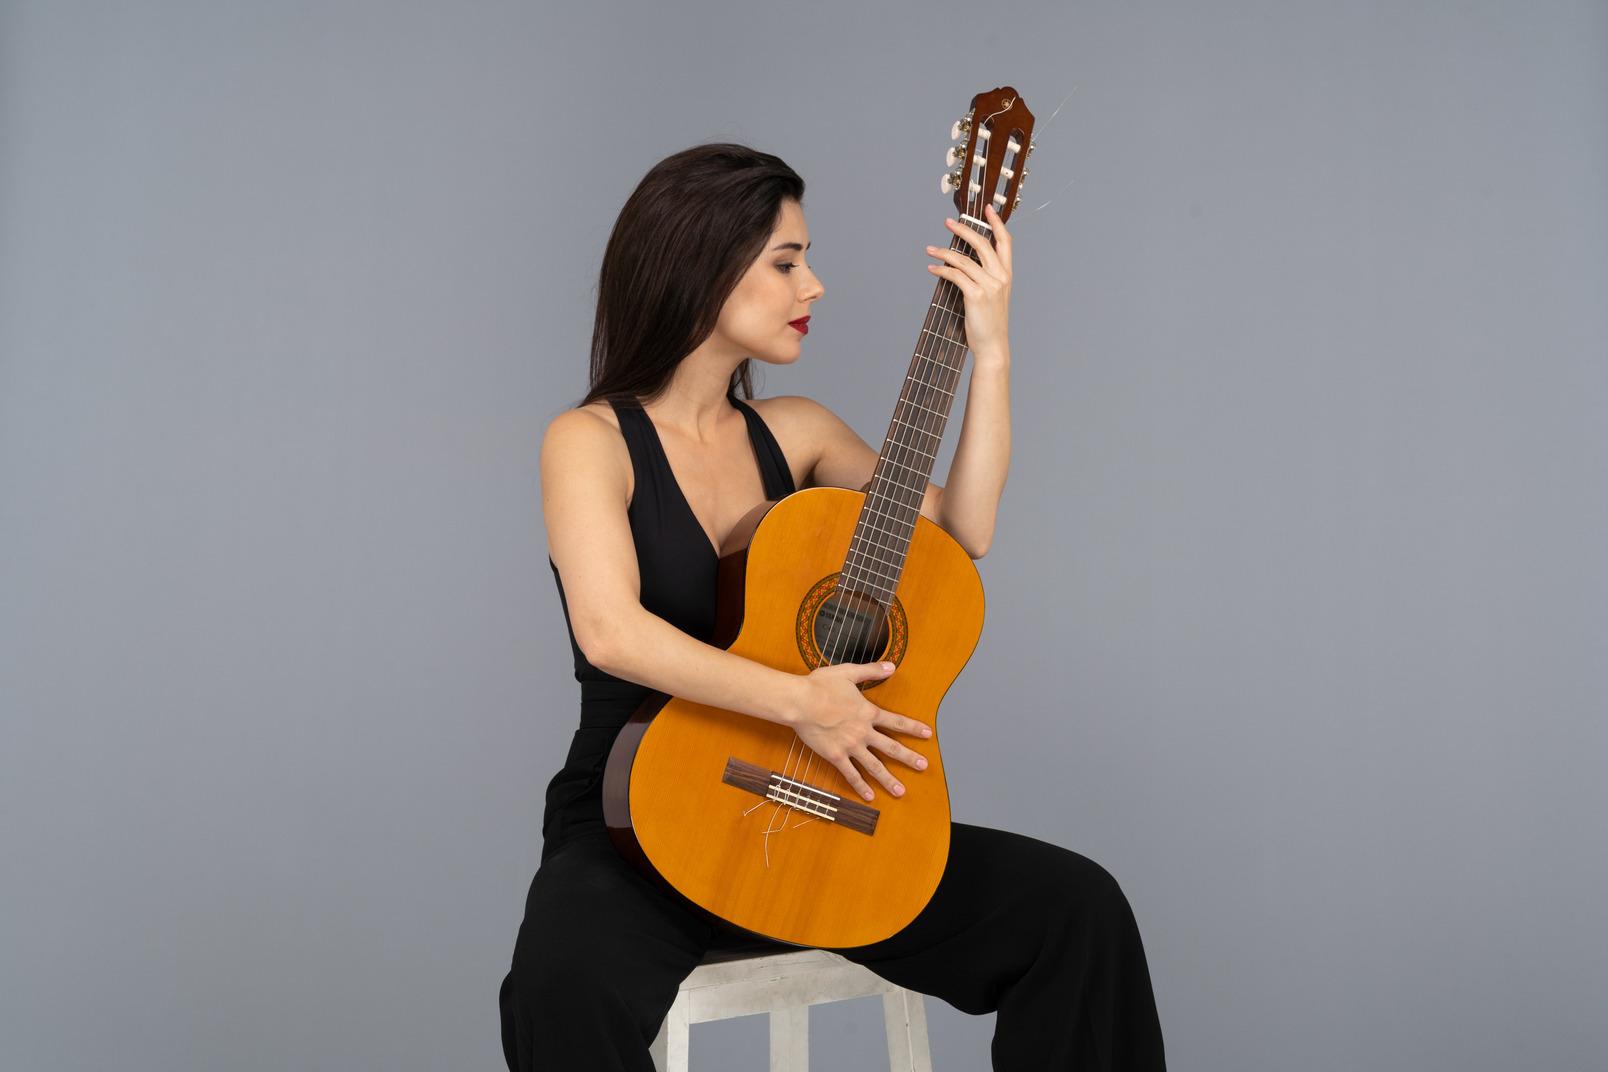 Vorderansicht einer sitzenden jungen dame im schwarzen anzug, die ihre gitarre betrachtet